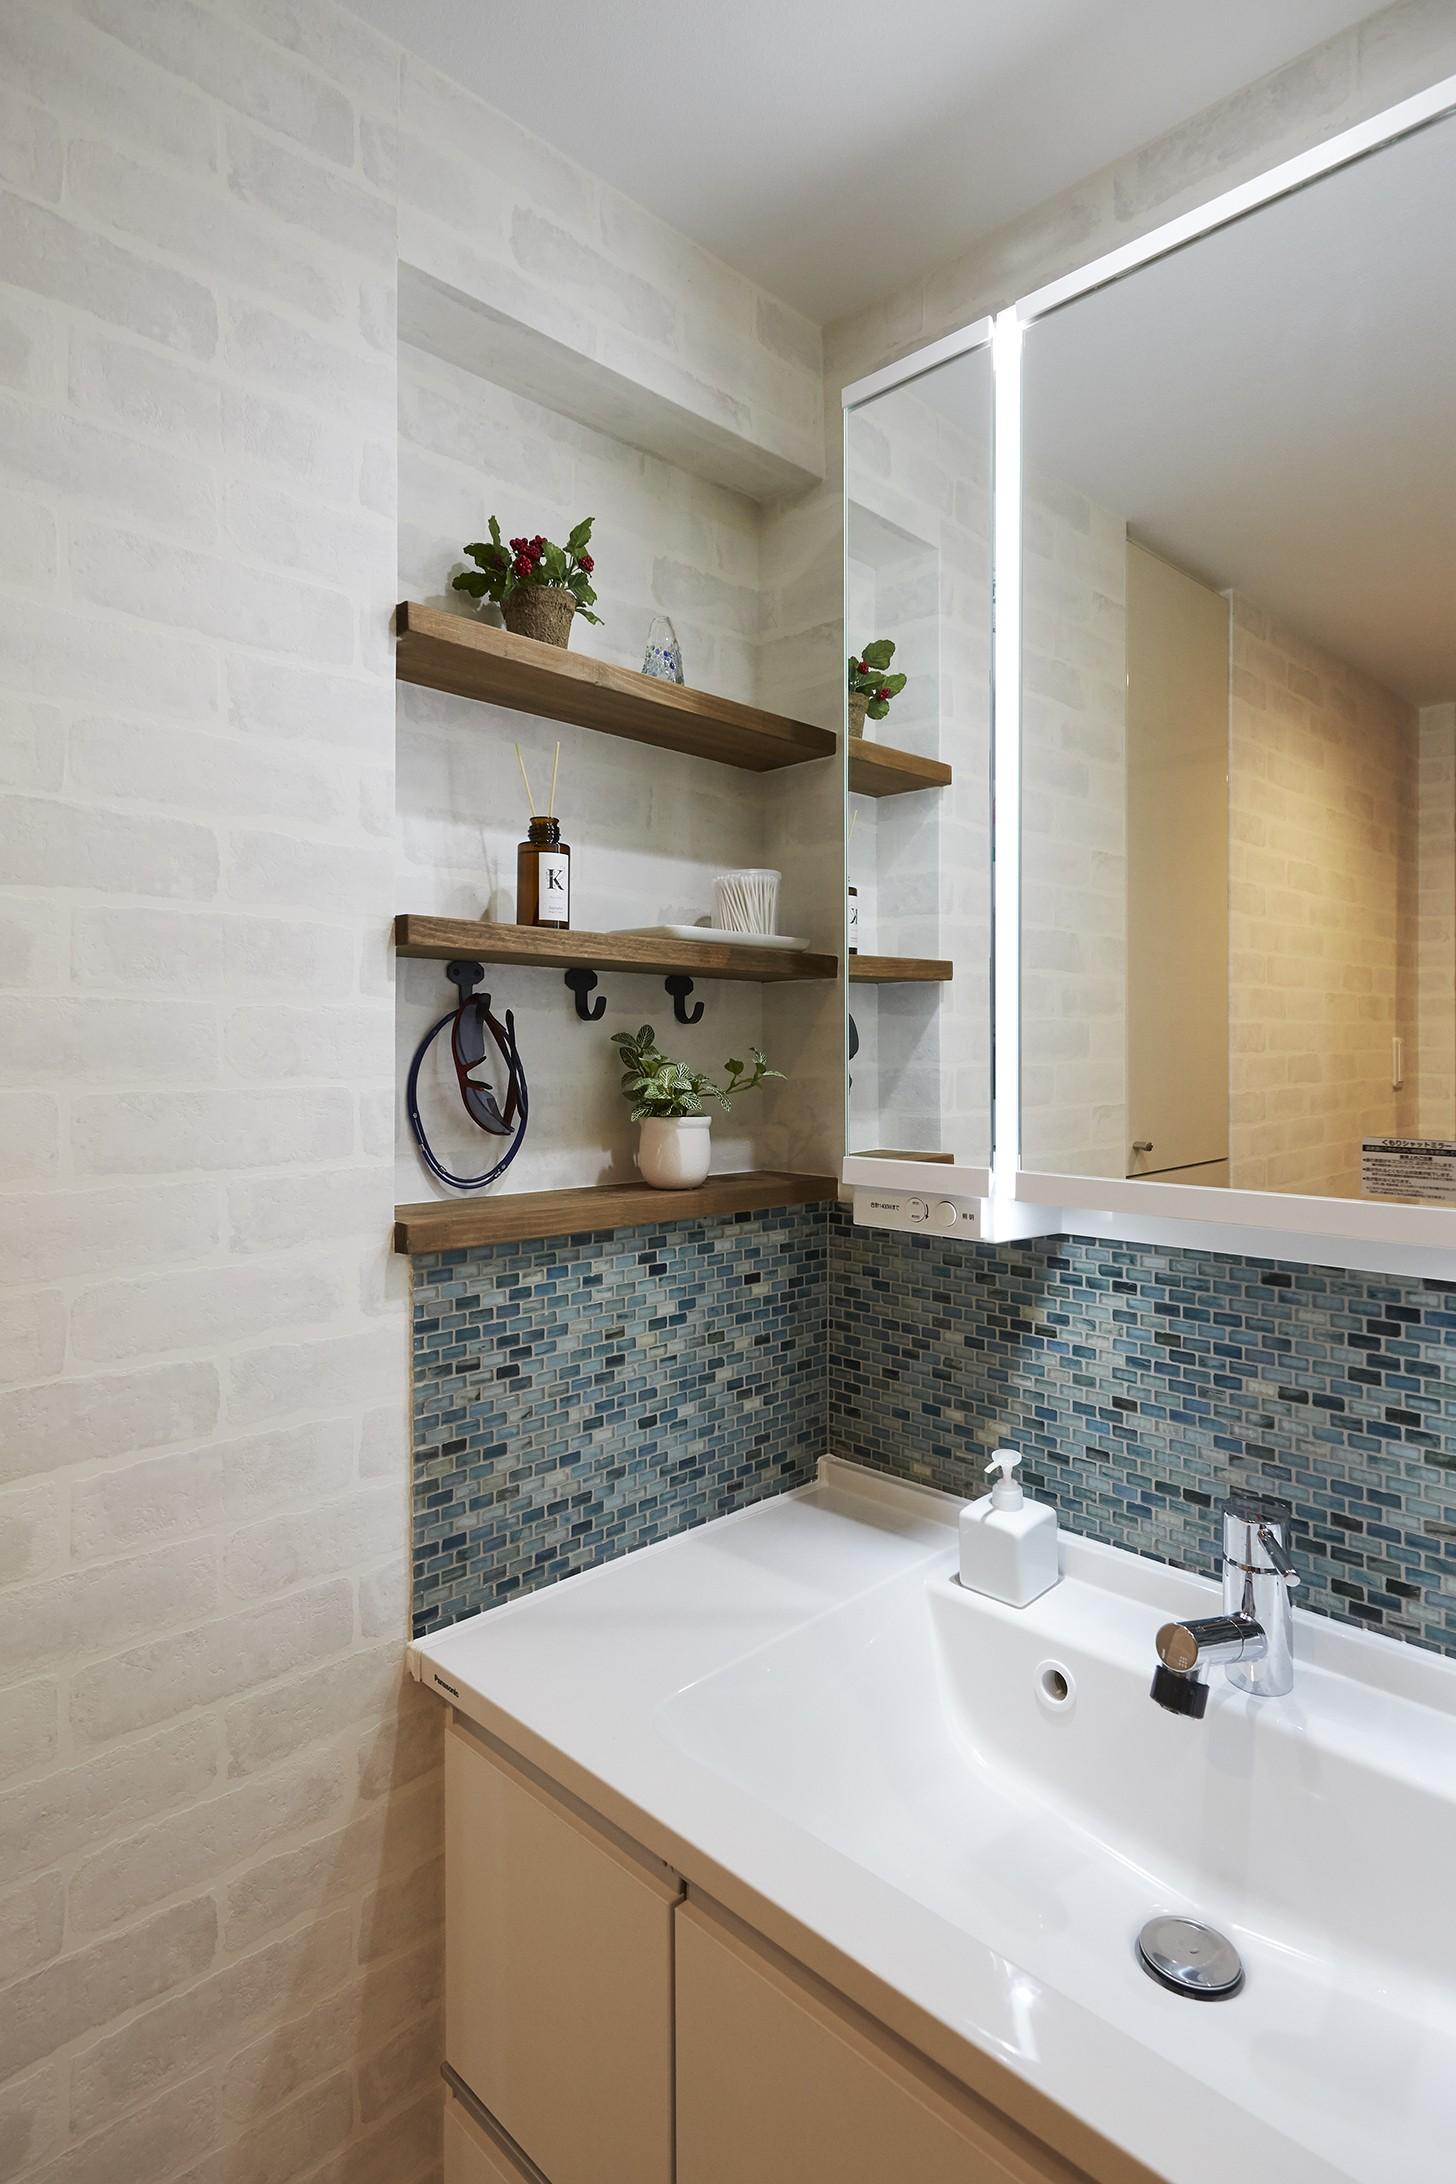 バス/トイレ事例:モザイクタイルの造作棚でオリジナルな空間に(アメリカ西海岸の暮らしを我が家にも。カリフォルニアスタイル全面改装)